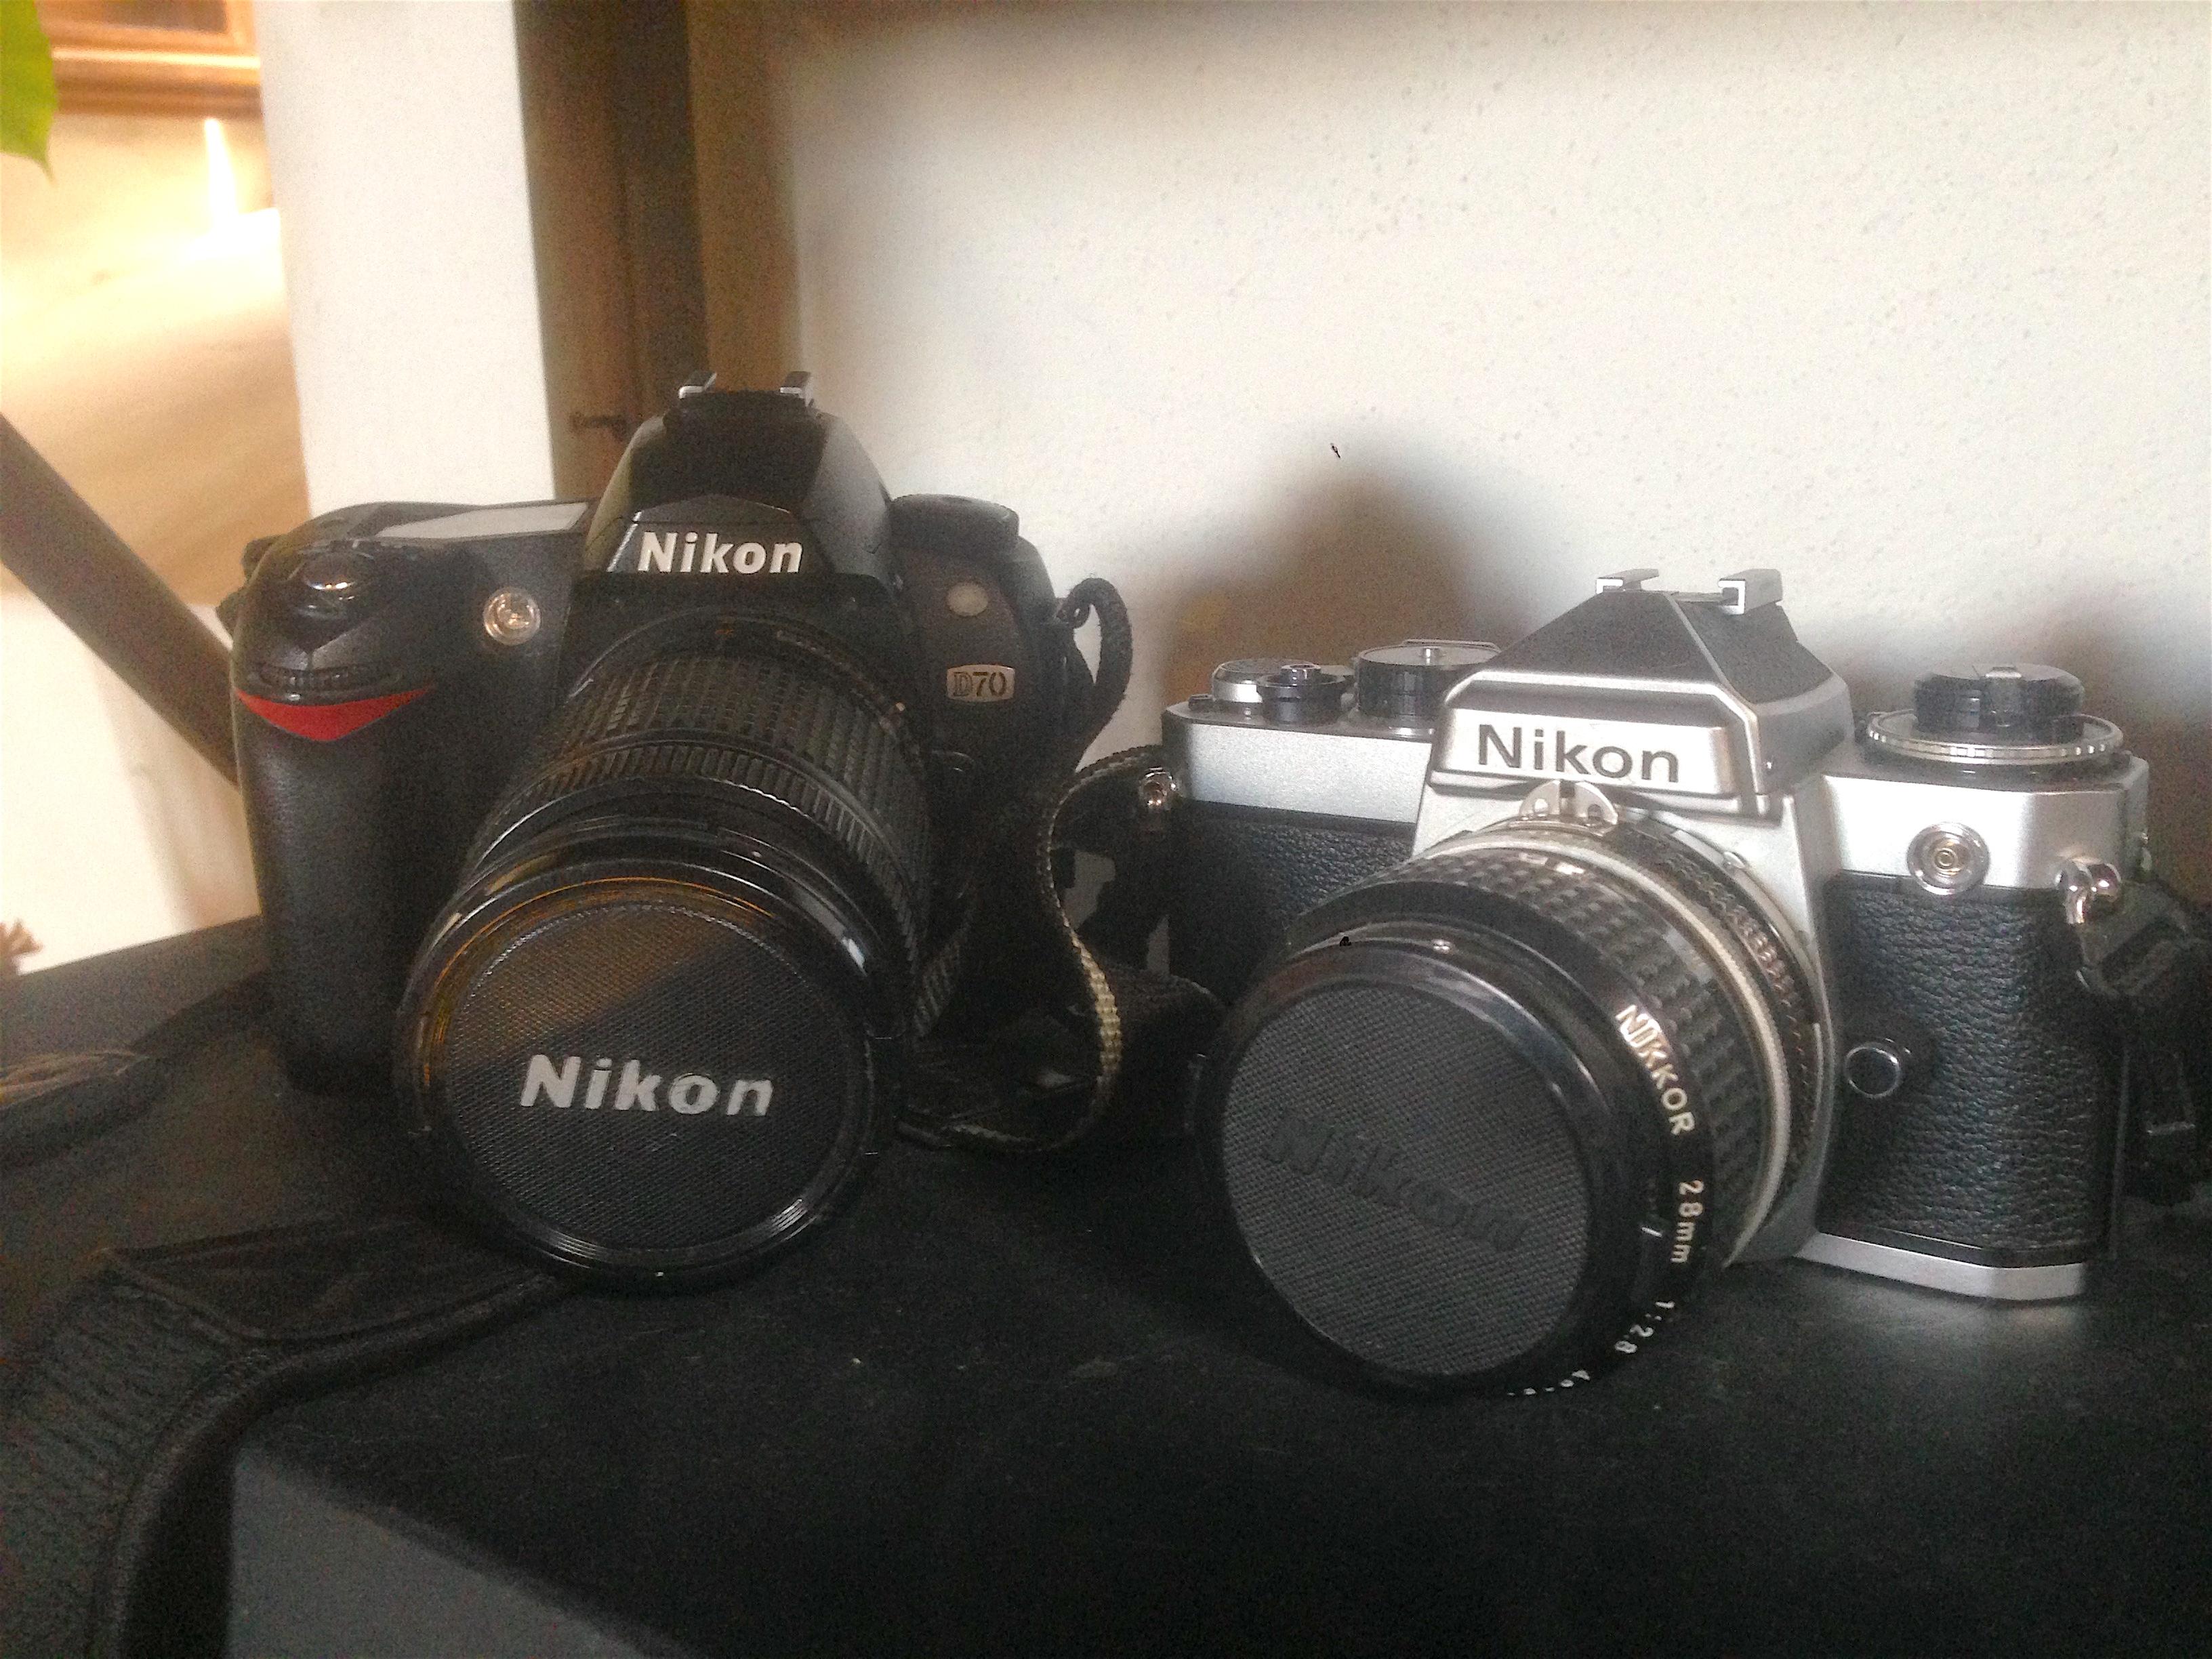 Nikon D70_Nikon FE